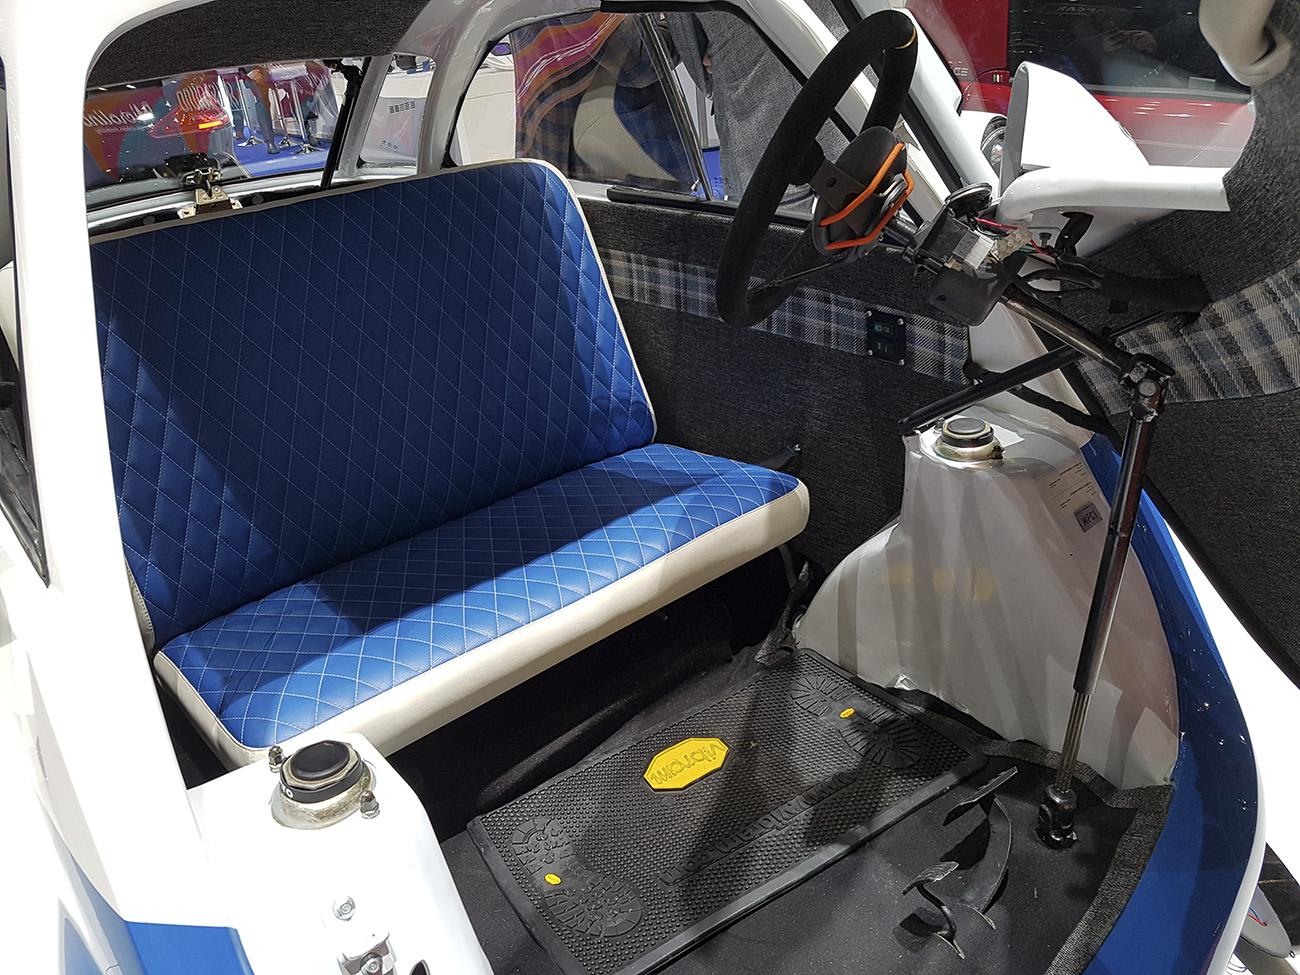 Como no Isetta original, coluna de direção se desloca para a entrada dos passageiros